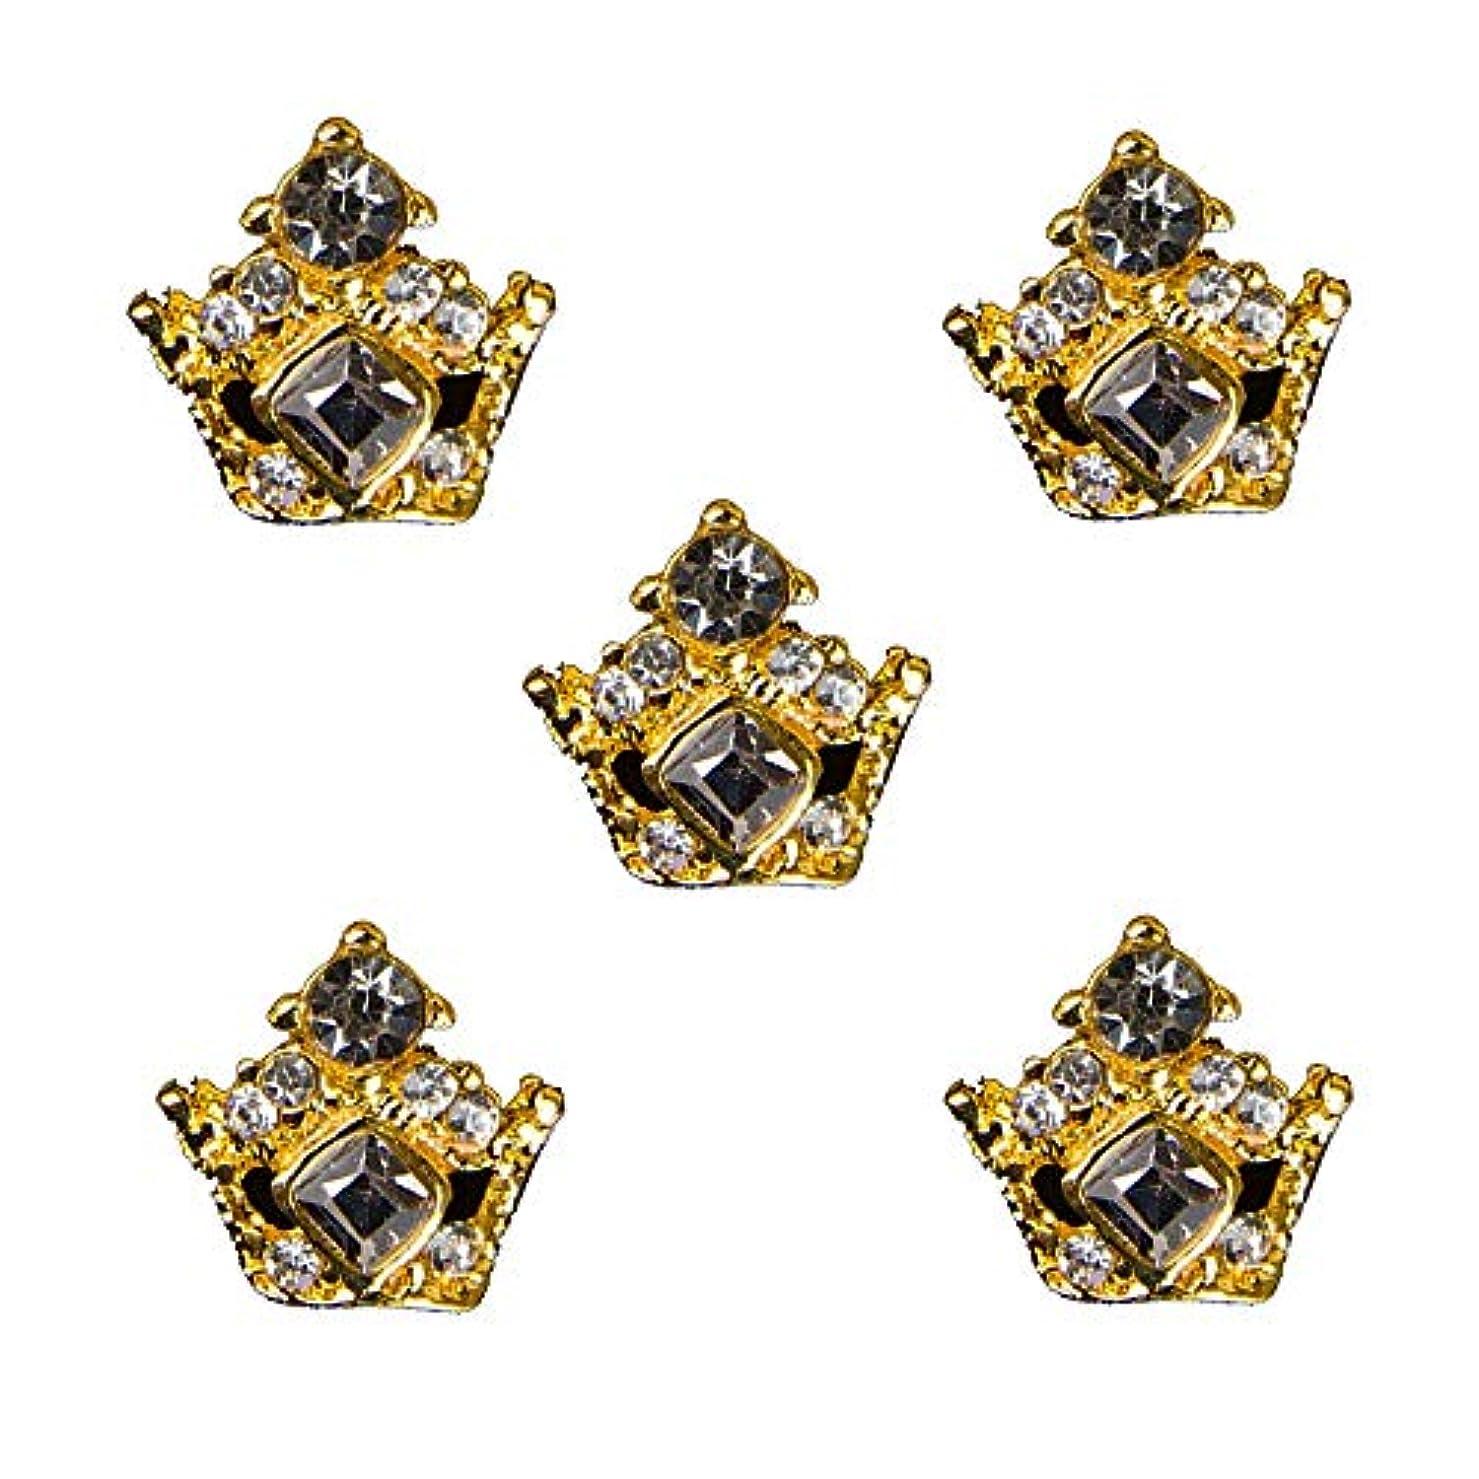 胸合理的コミットネイルクラウン用10個入りラインストーンは、マニキュアの3DネイルアートデコレーションアクセサリーOngleグリッターネイル宝石合金デコレーションデザイン